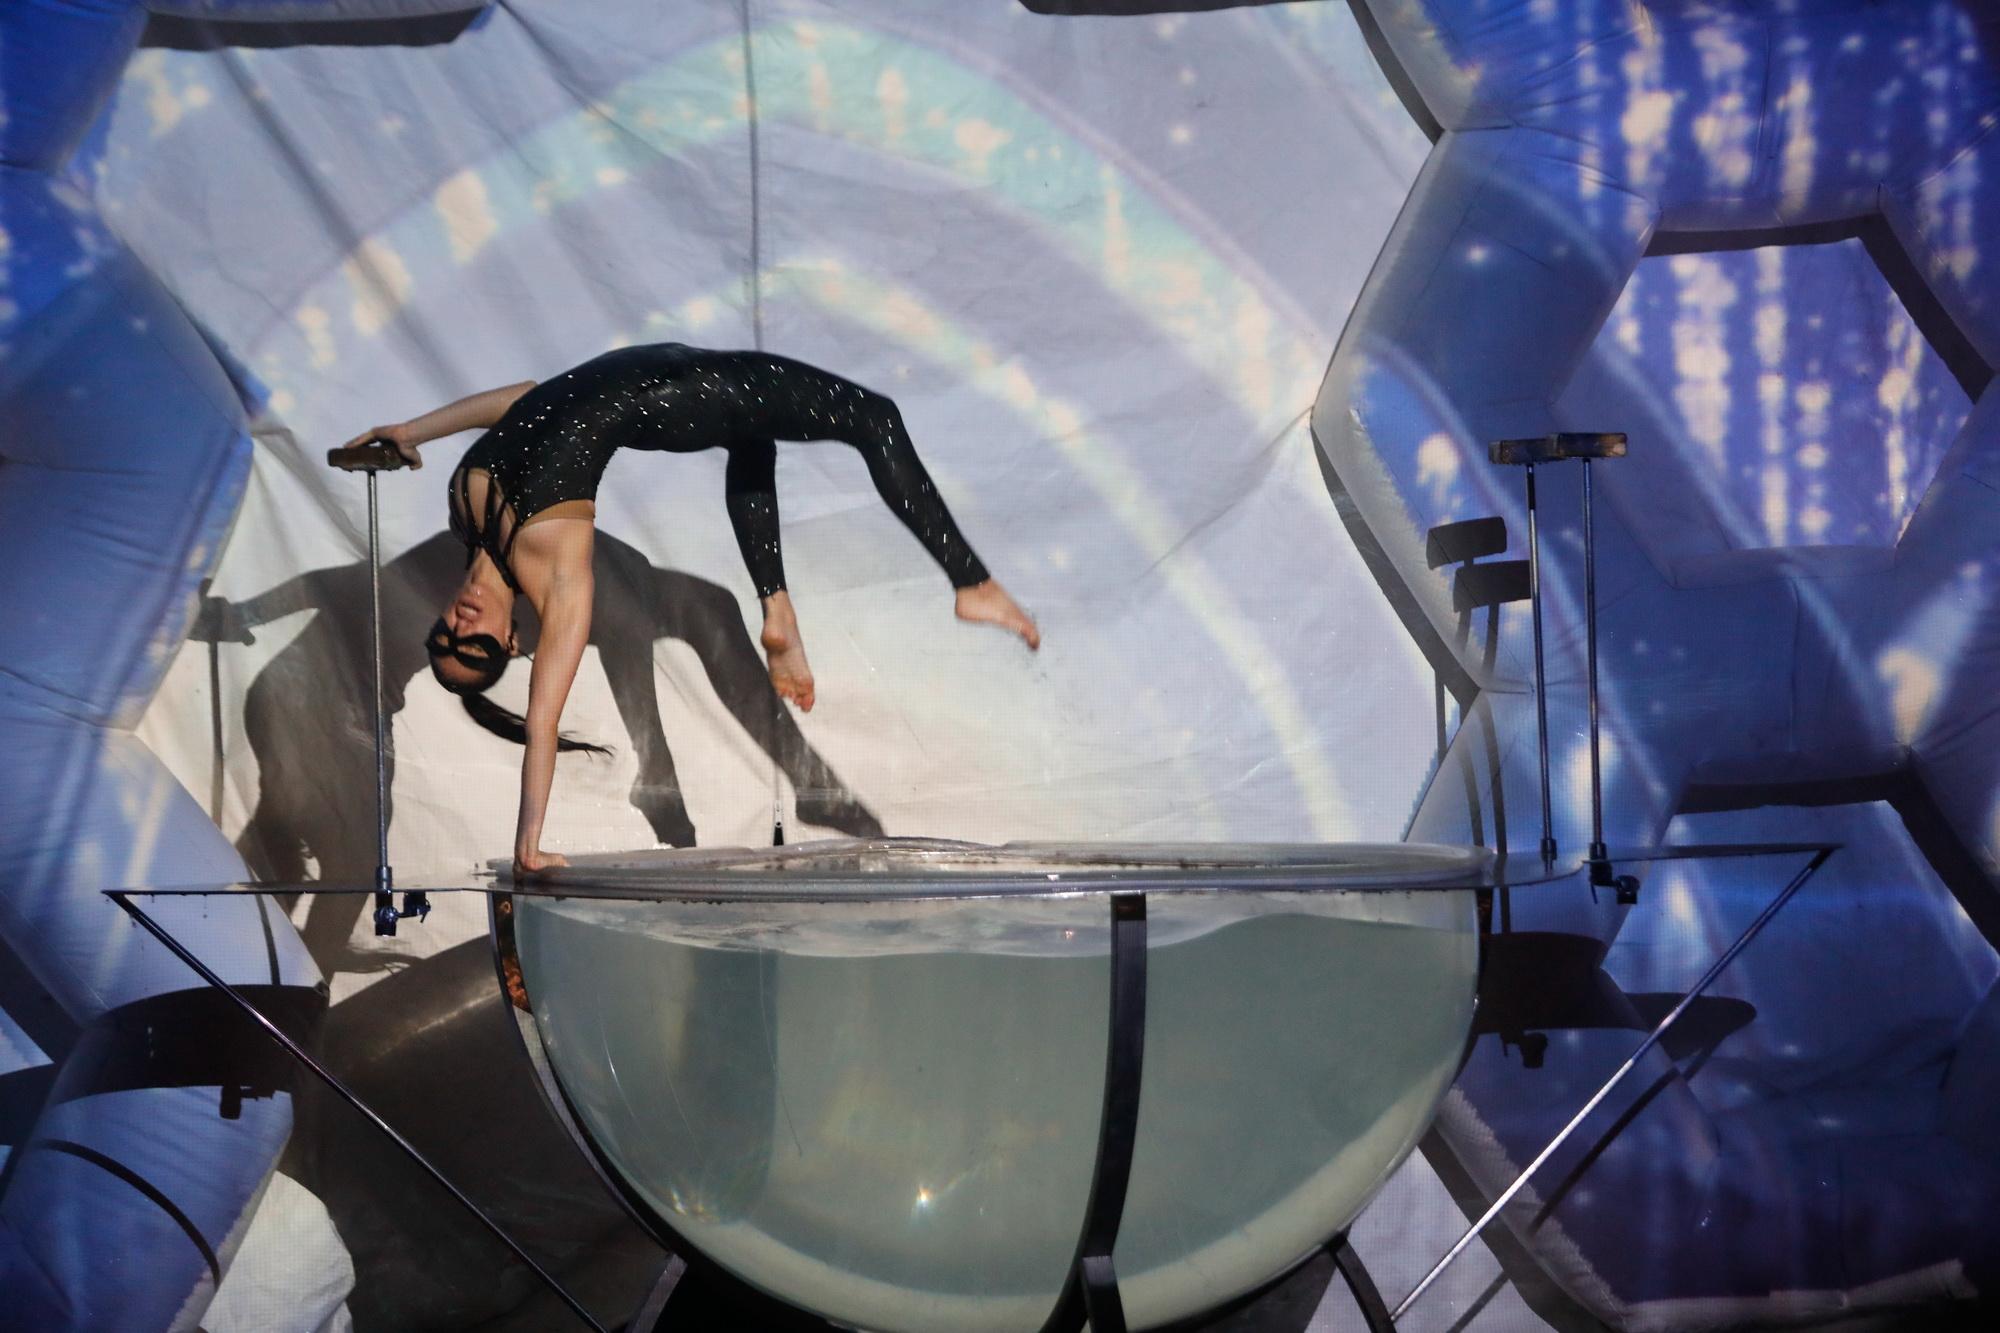 """Цирк """"Флорентин"""". Фото: пресс-служба мероприятия"""